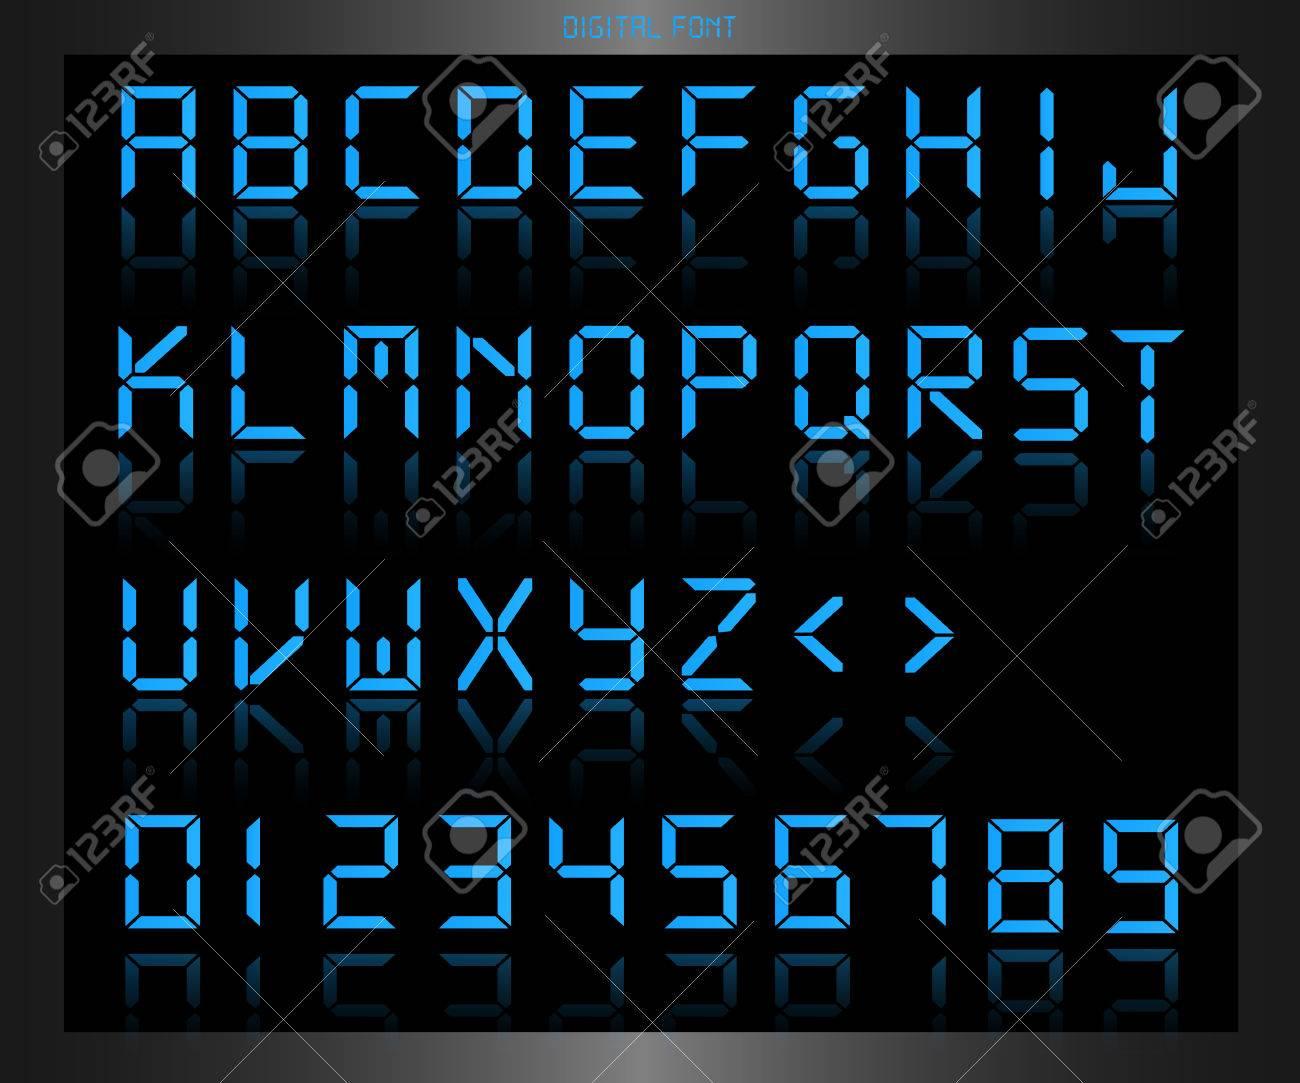 Illustration of a colorful blue digital font. - 34773186